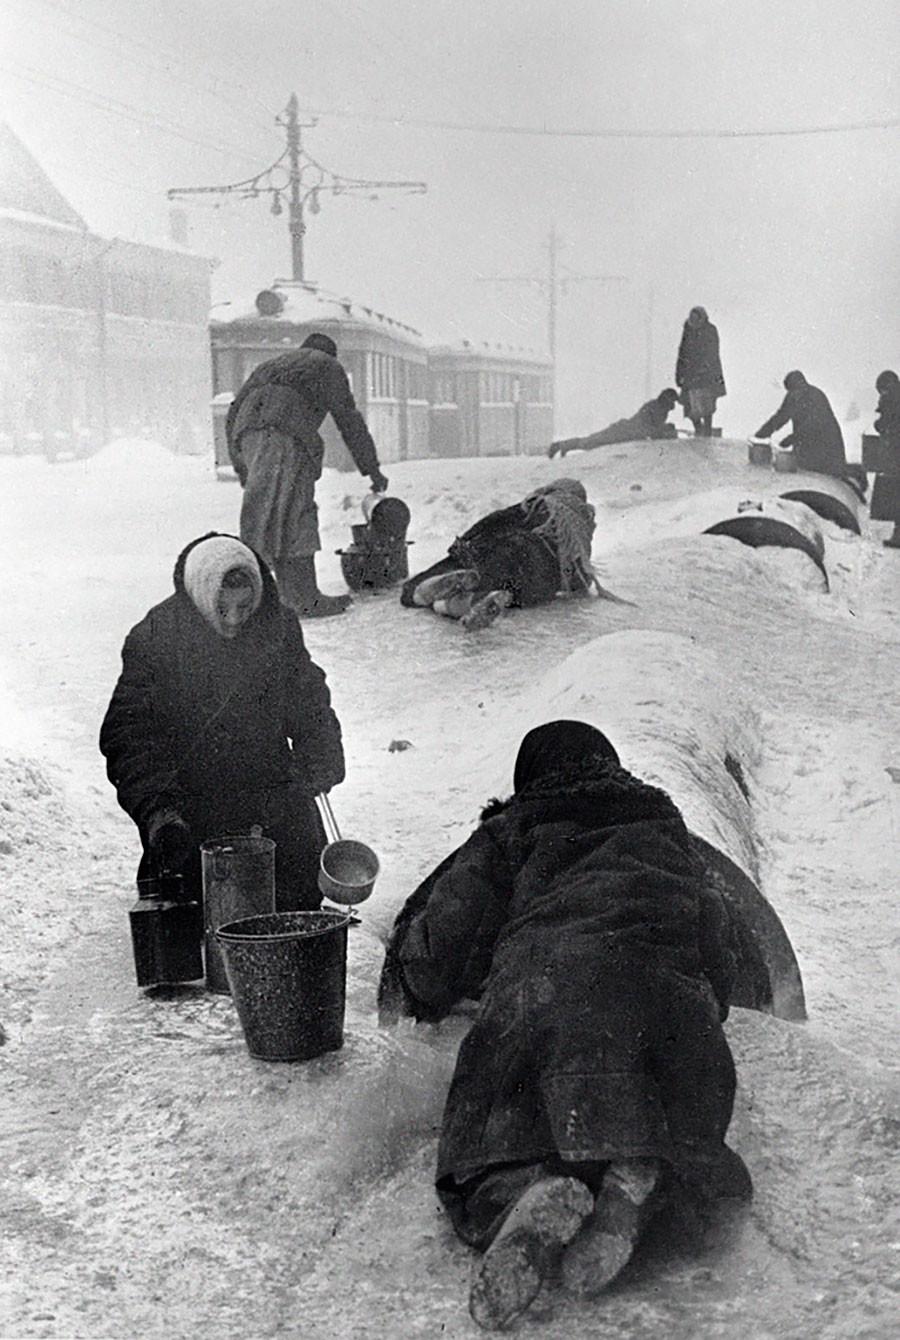 Les habitants de la ville de Leningrad remplissent leurs seaux depuis une conduite endommagée par une journée glaciale, janvier 1942.